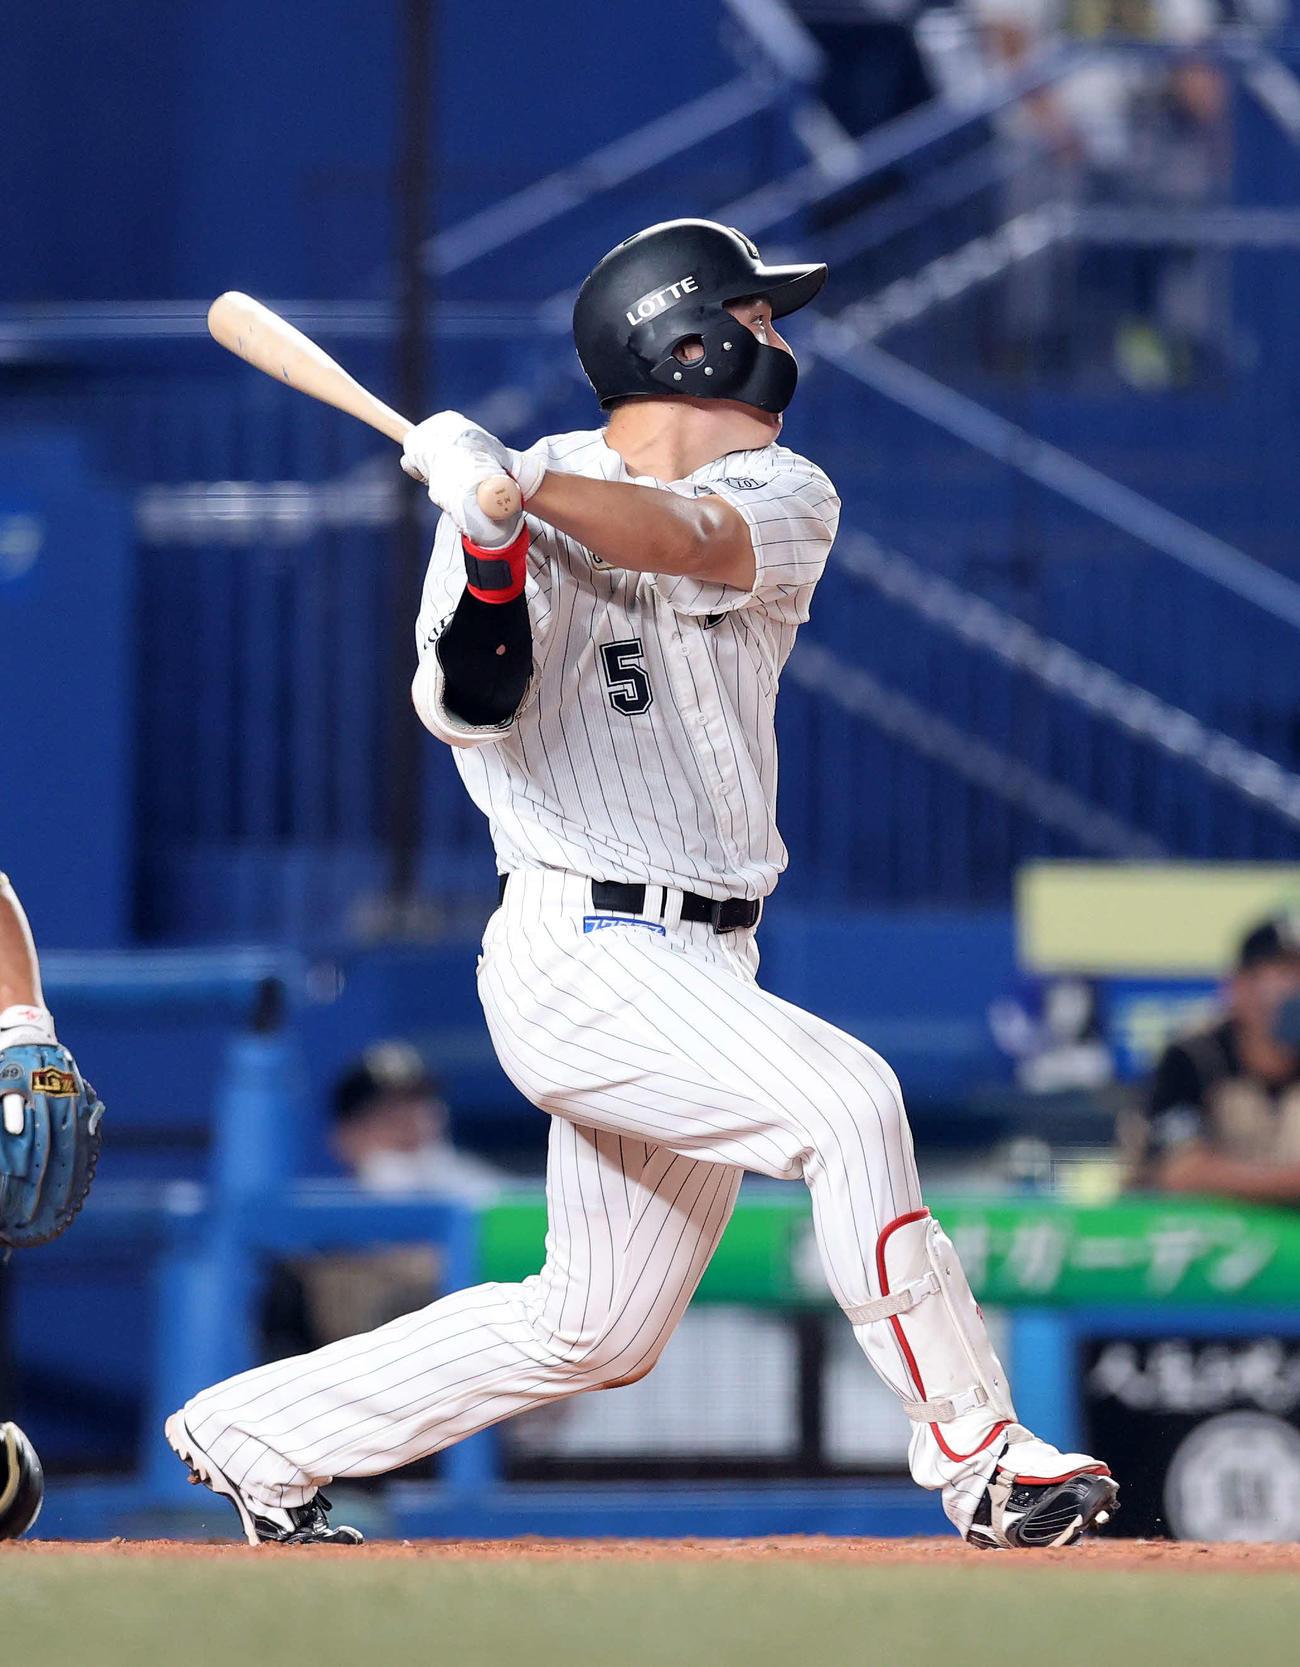 ロッテ対日本ハム 3回裏ロッテ2死満塁、安田は左越え適時二塁打を放つ(撮影・鈴木正人)